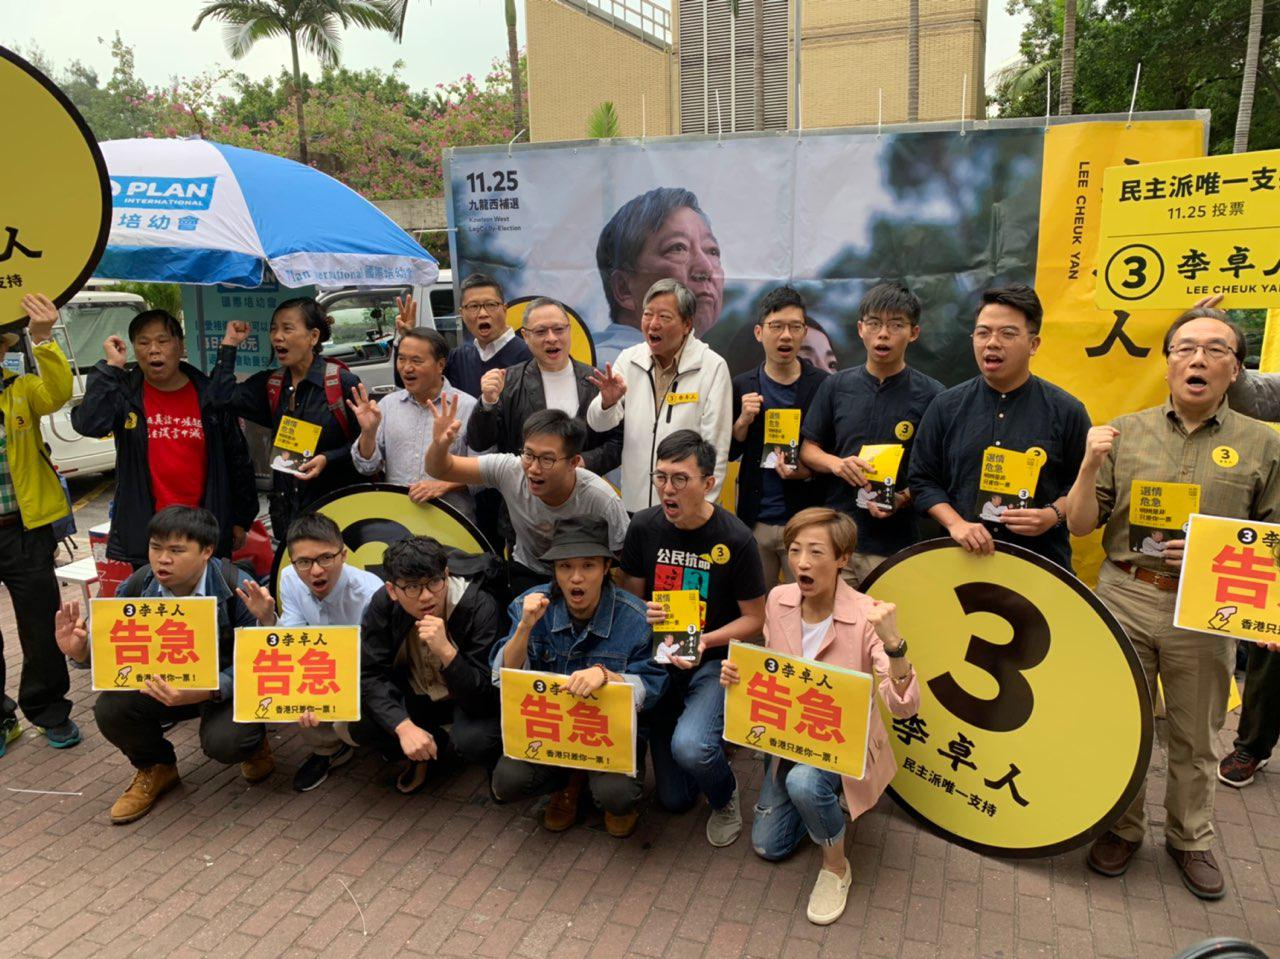 「佔中九子」等政治犯在選舉前夕最後一個周末,一起呼籲選民投票支持李卓人,為港人的自由投下重要一票。(李逸/大紀元)